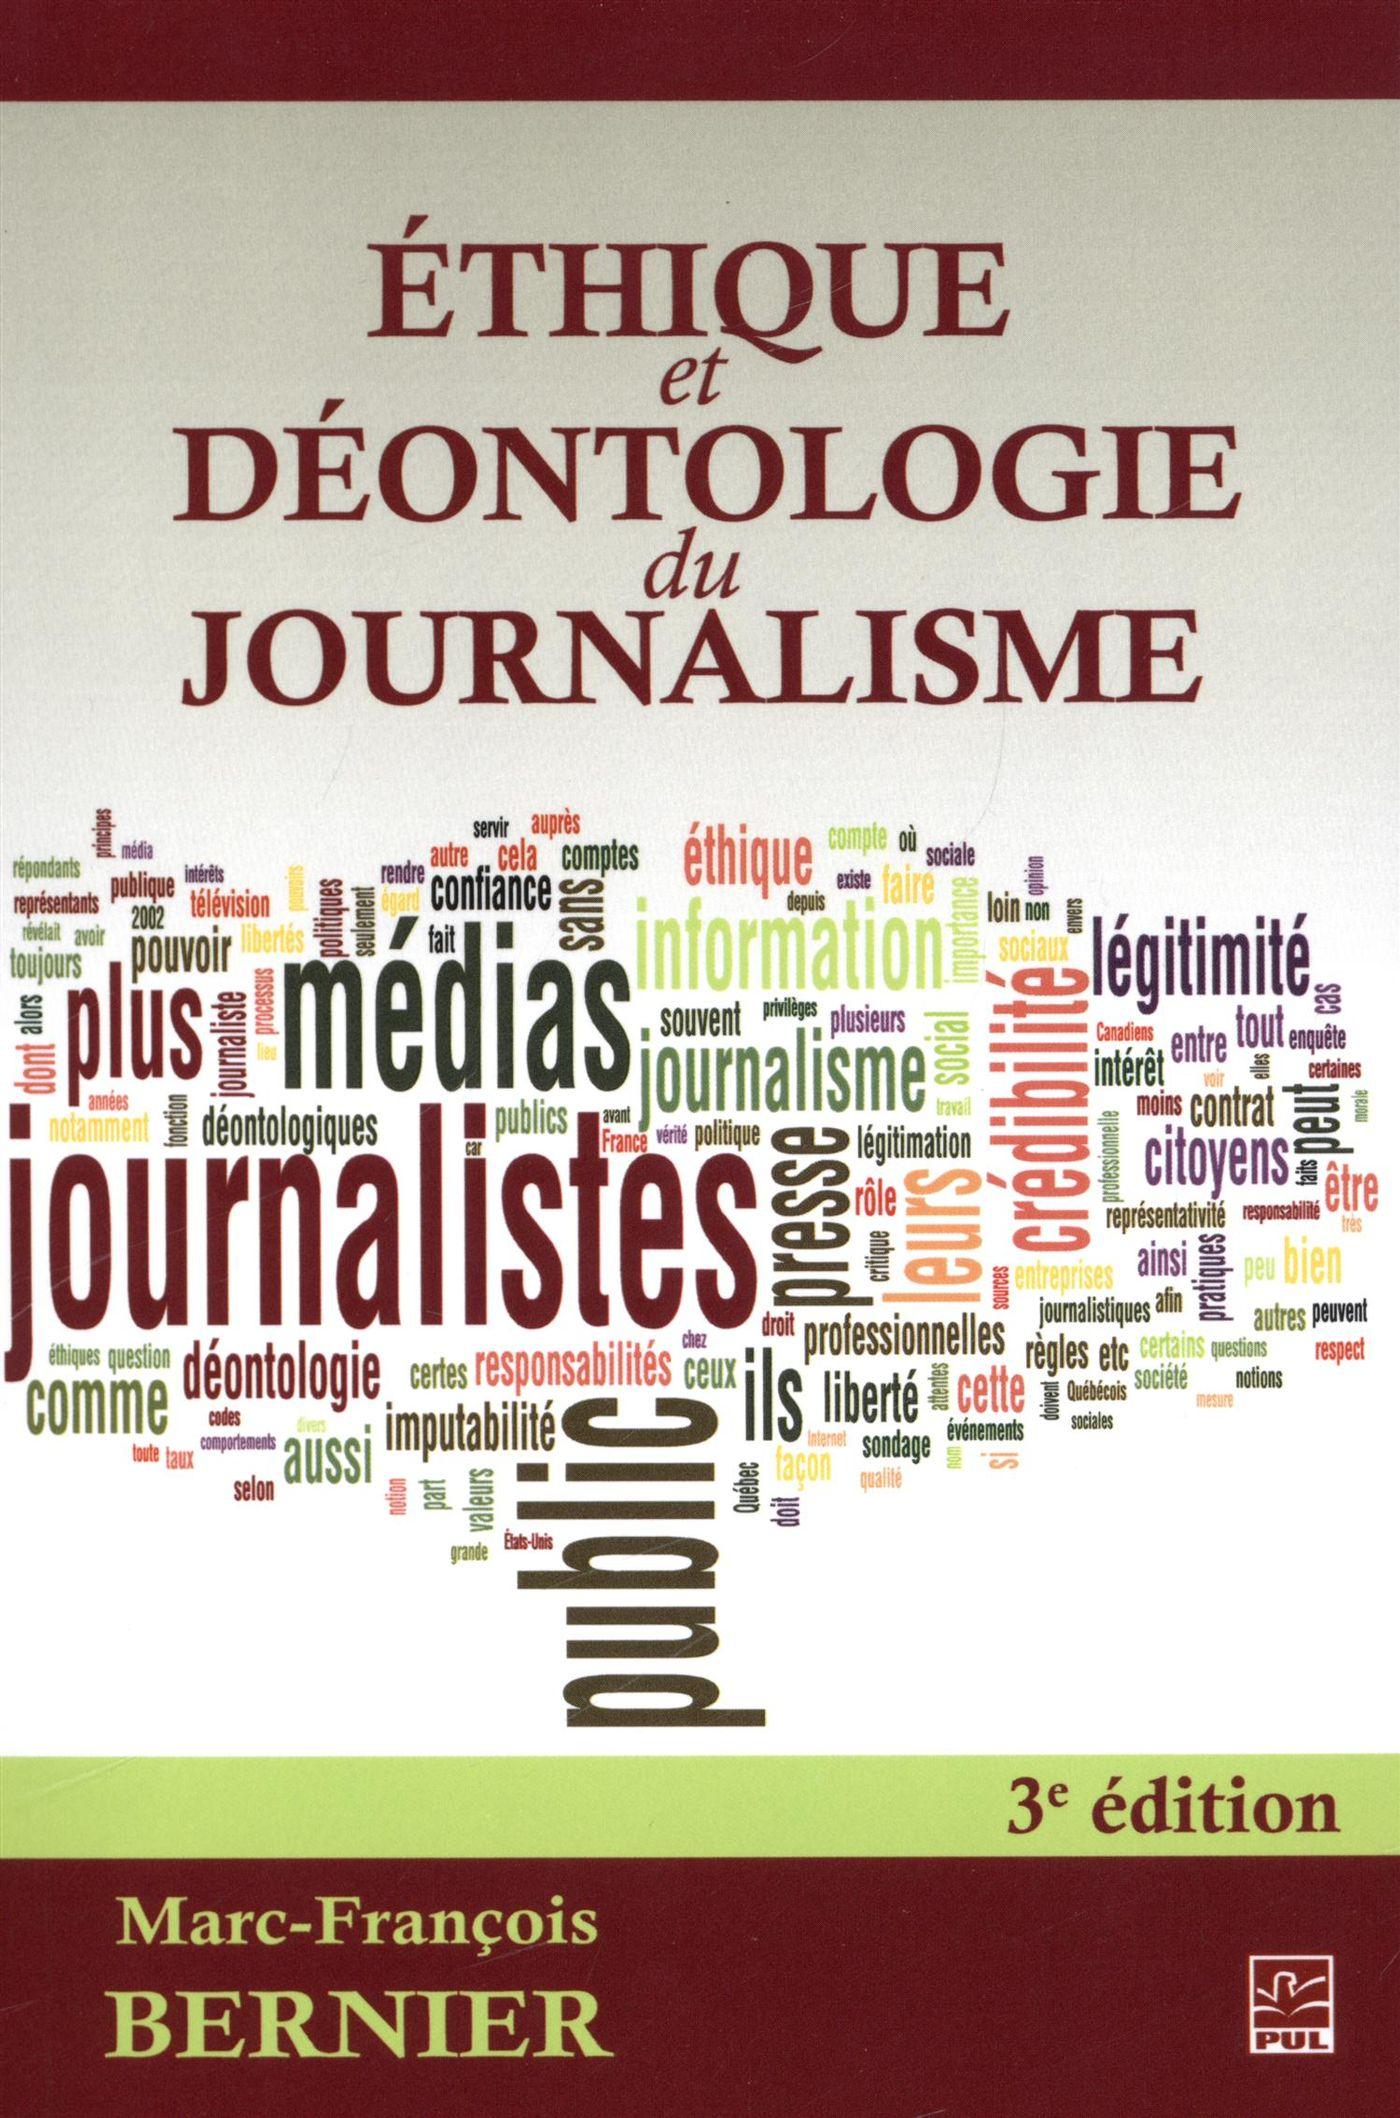 Ethique et déontologie du journalisme 3e édi